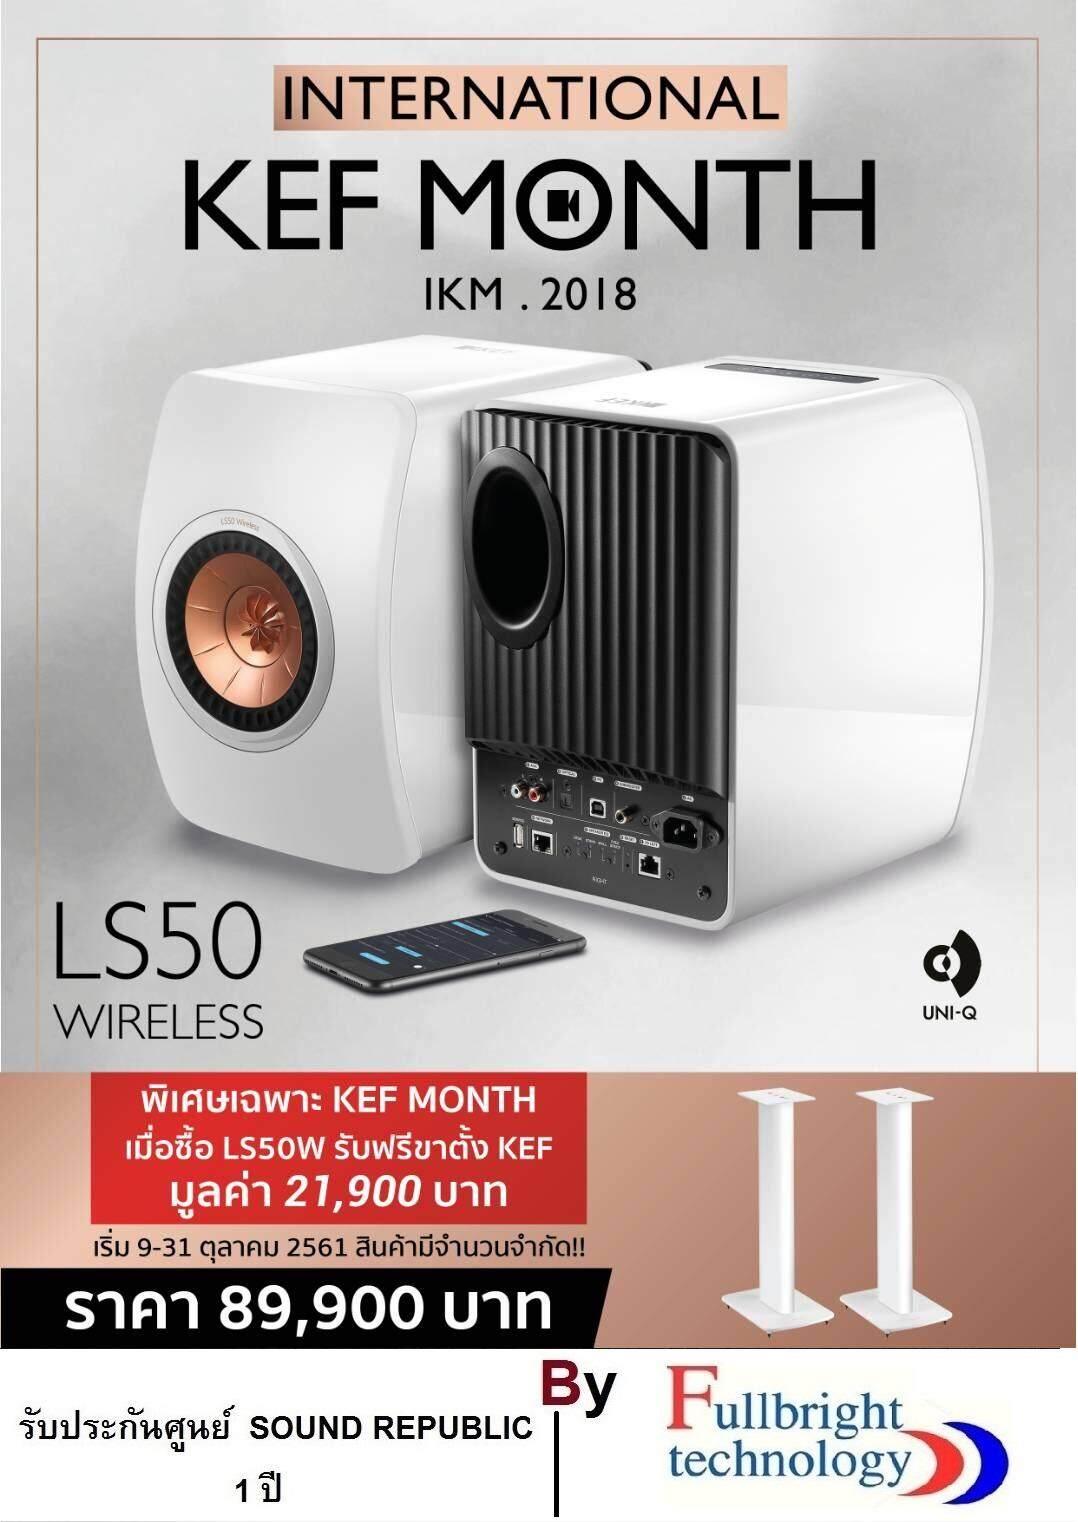 ตรัง KEF LS50 Wireless (pair) สุดยอดลำโพงของลำโพง ราคาต่อคู่ รับประกันศูนย์ 1 ปี ฟรี ขาตั้ง(Stands) KEF สำหรับ LS50W มูลค่า 21 900 บาท.ถึง 8 เม.ษ.62 นี้เท่านั้น ด่วน! สินค้ามีจำนวนจำกัด